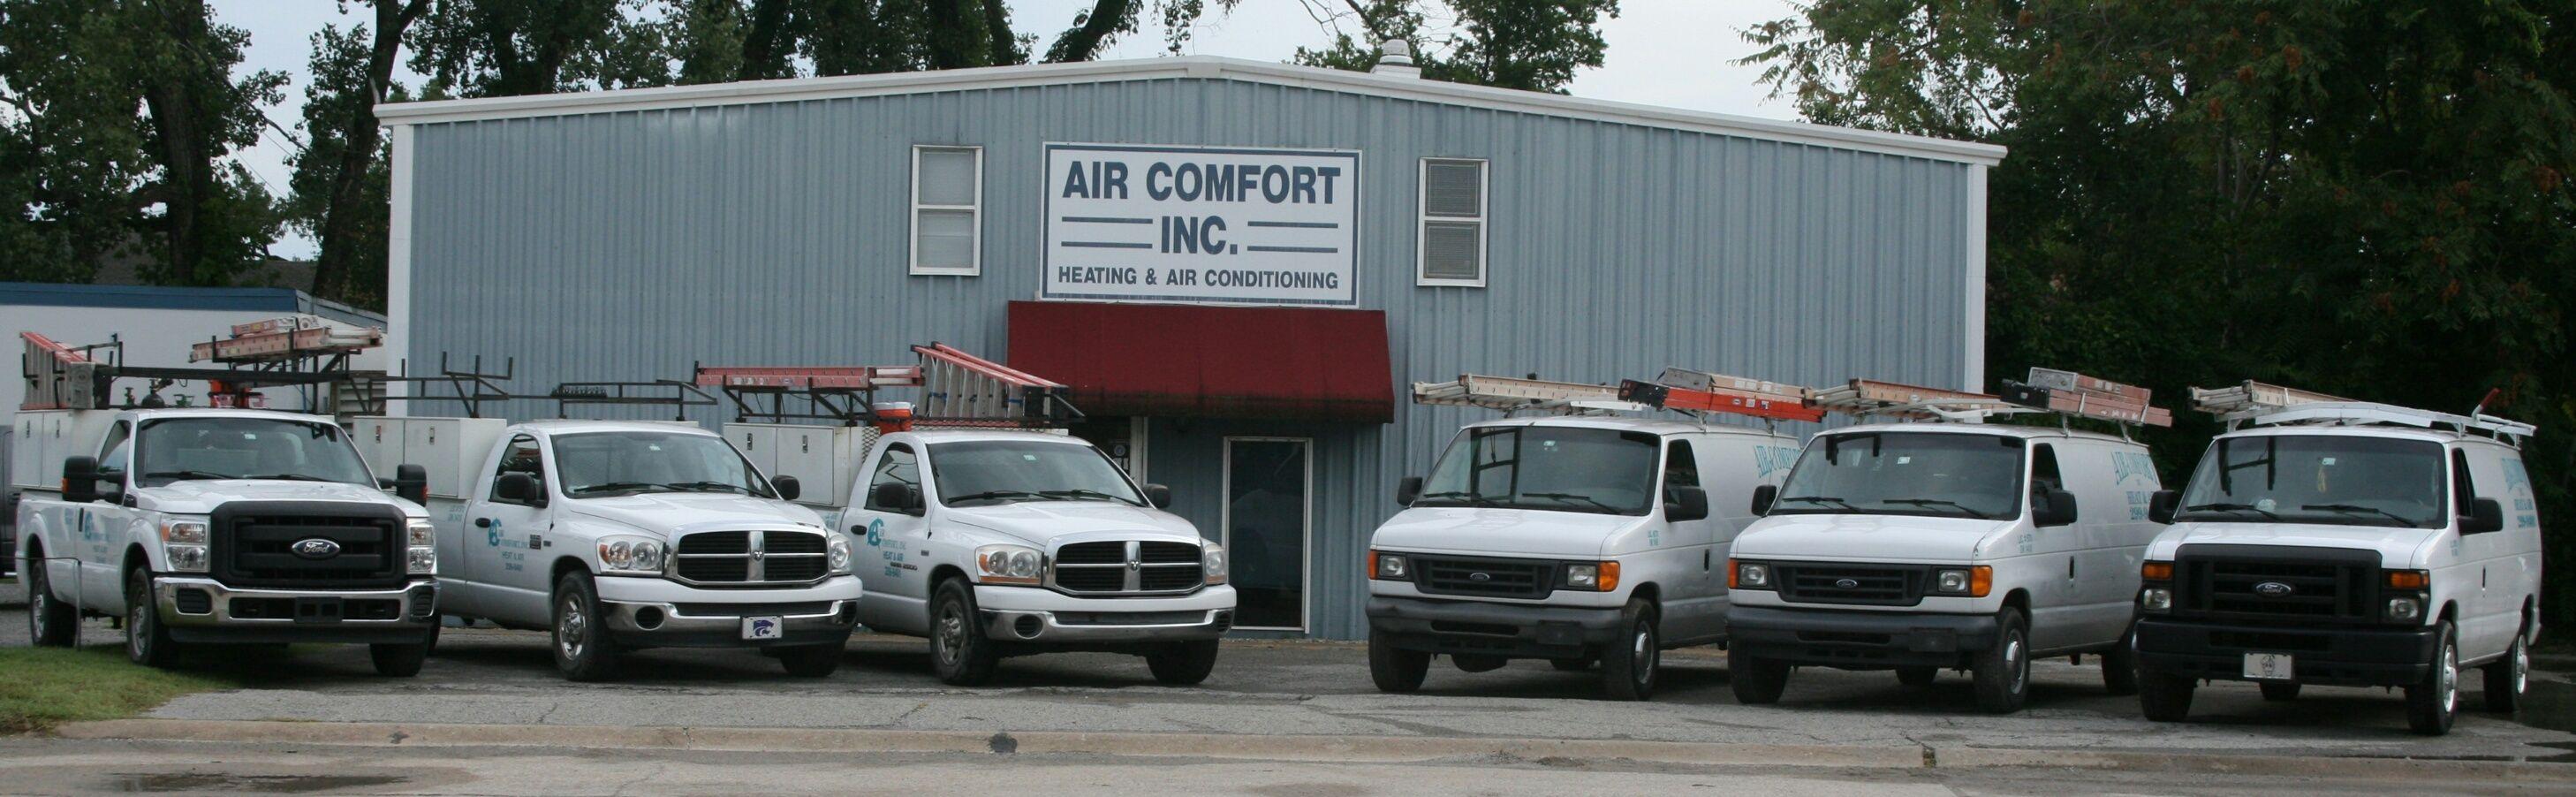 Visit Air Comfort